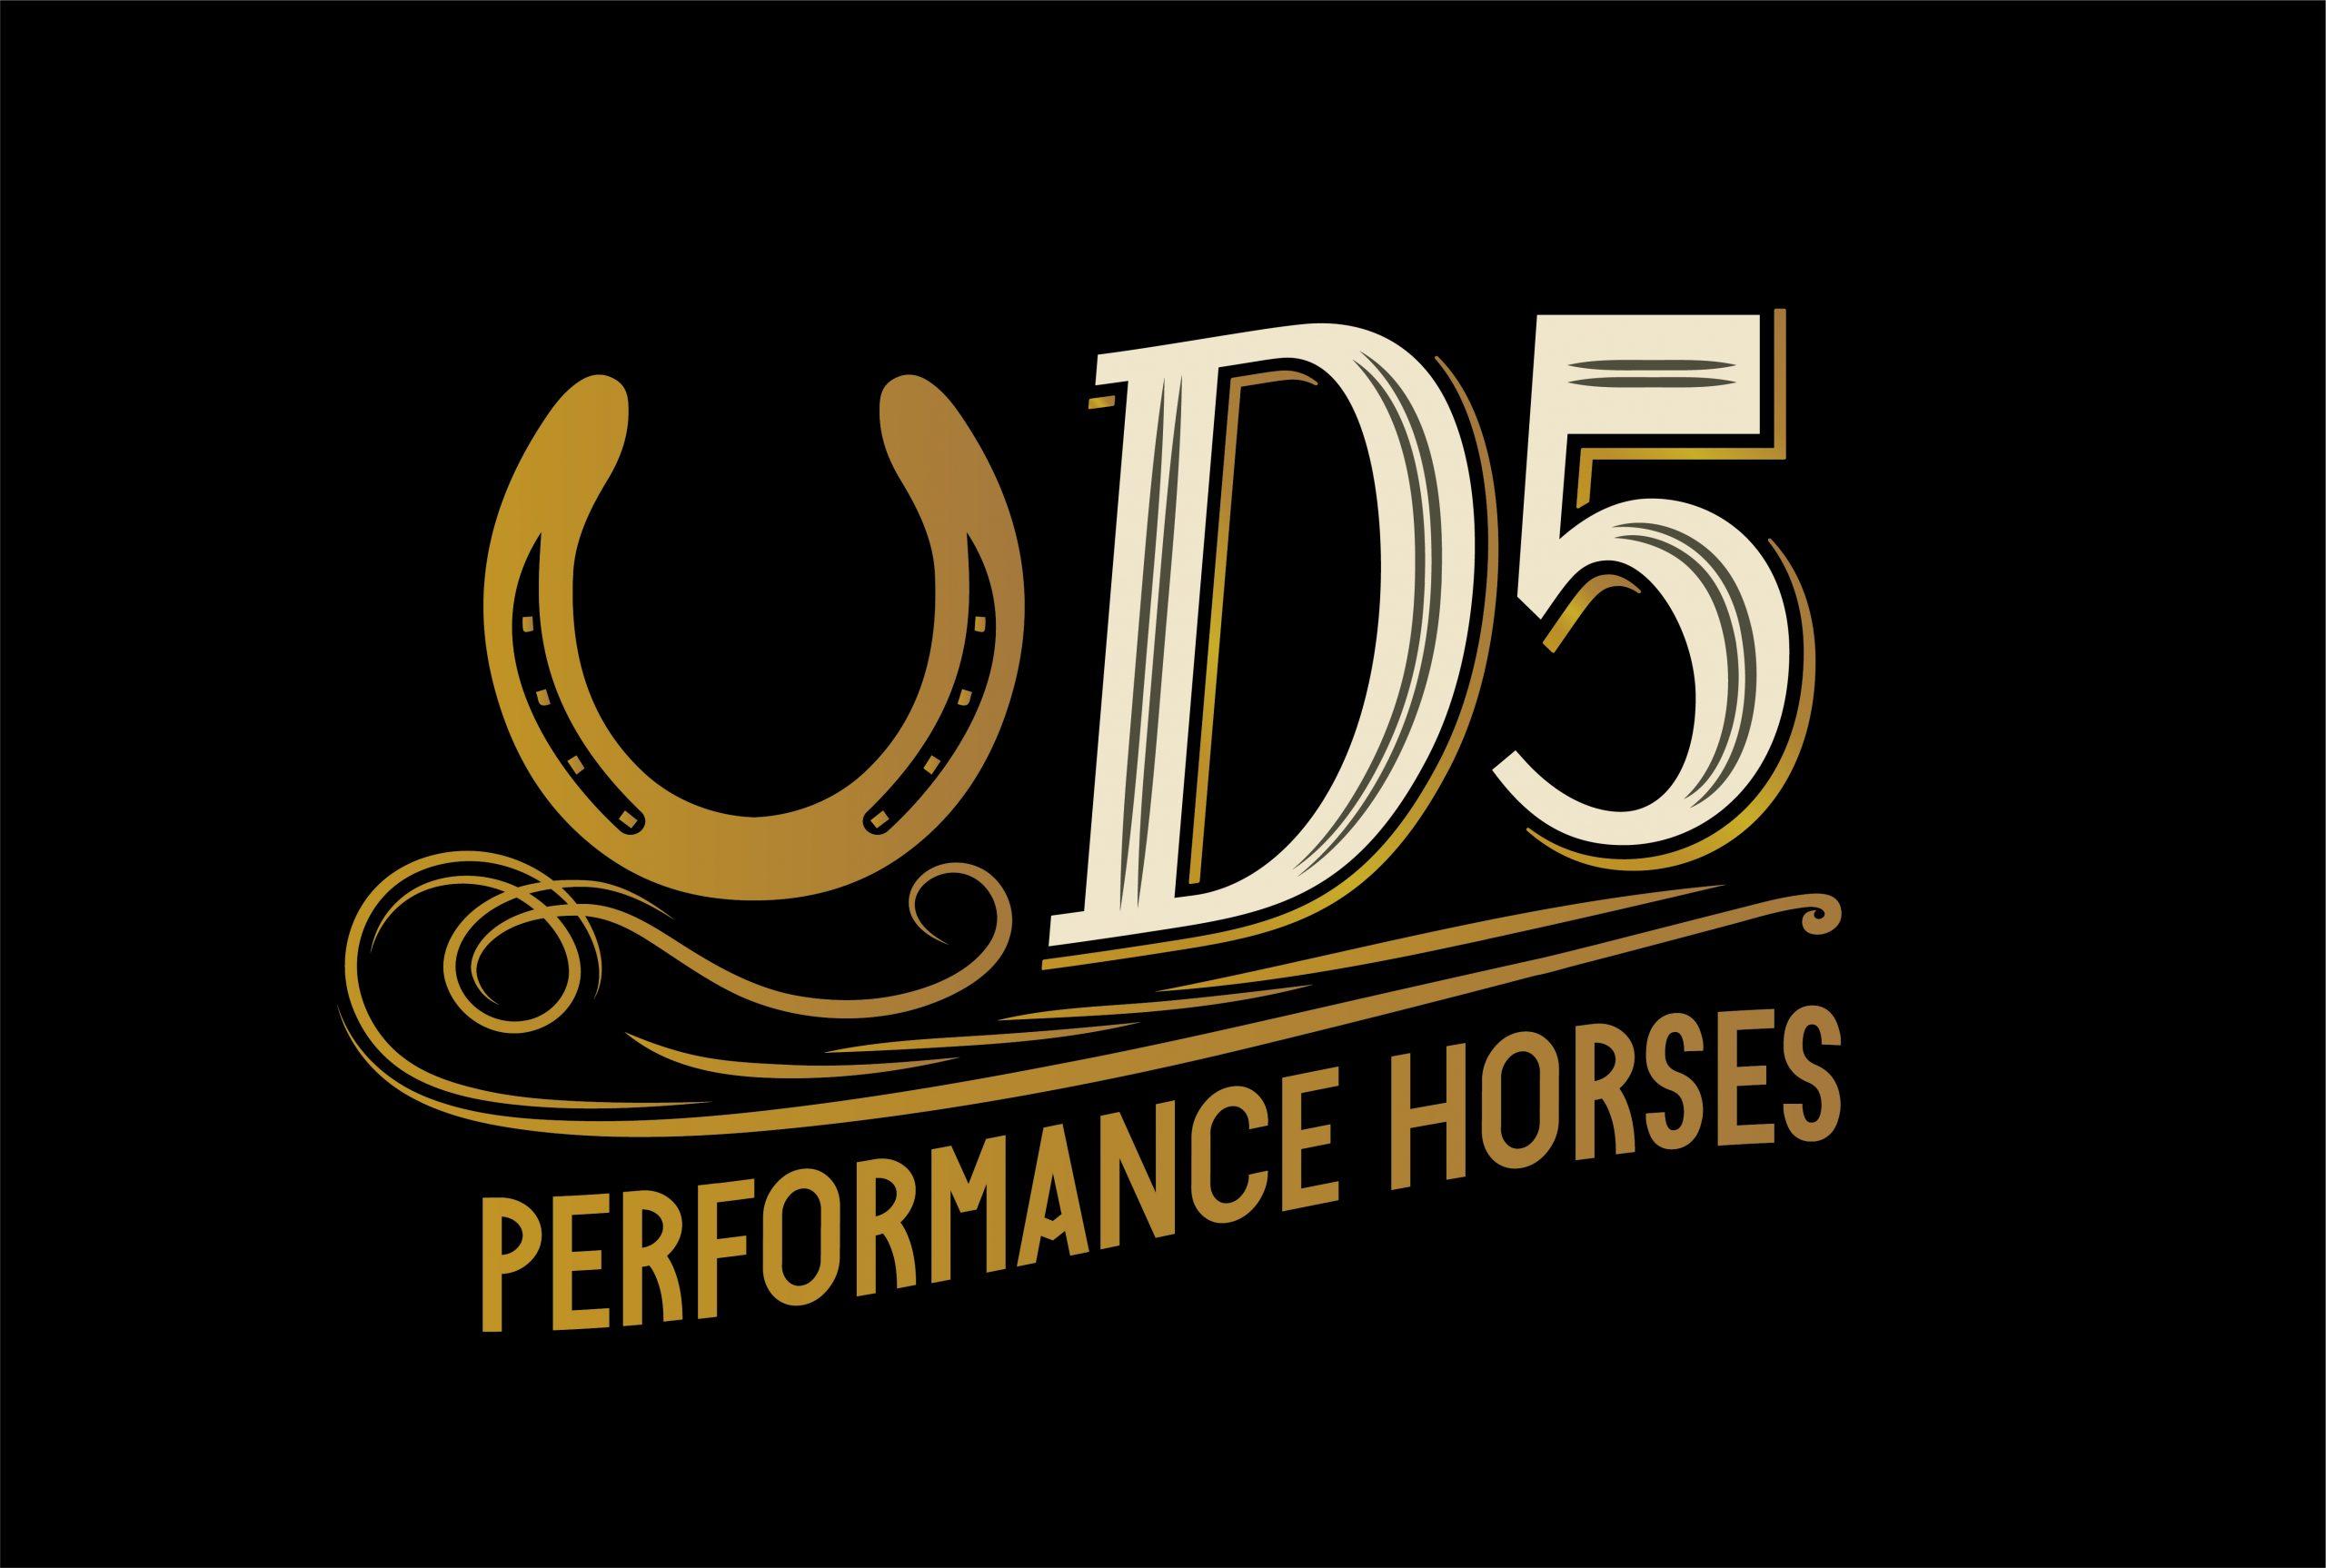 D5qhorses